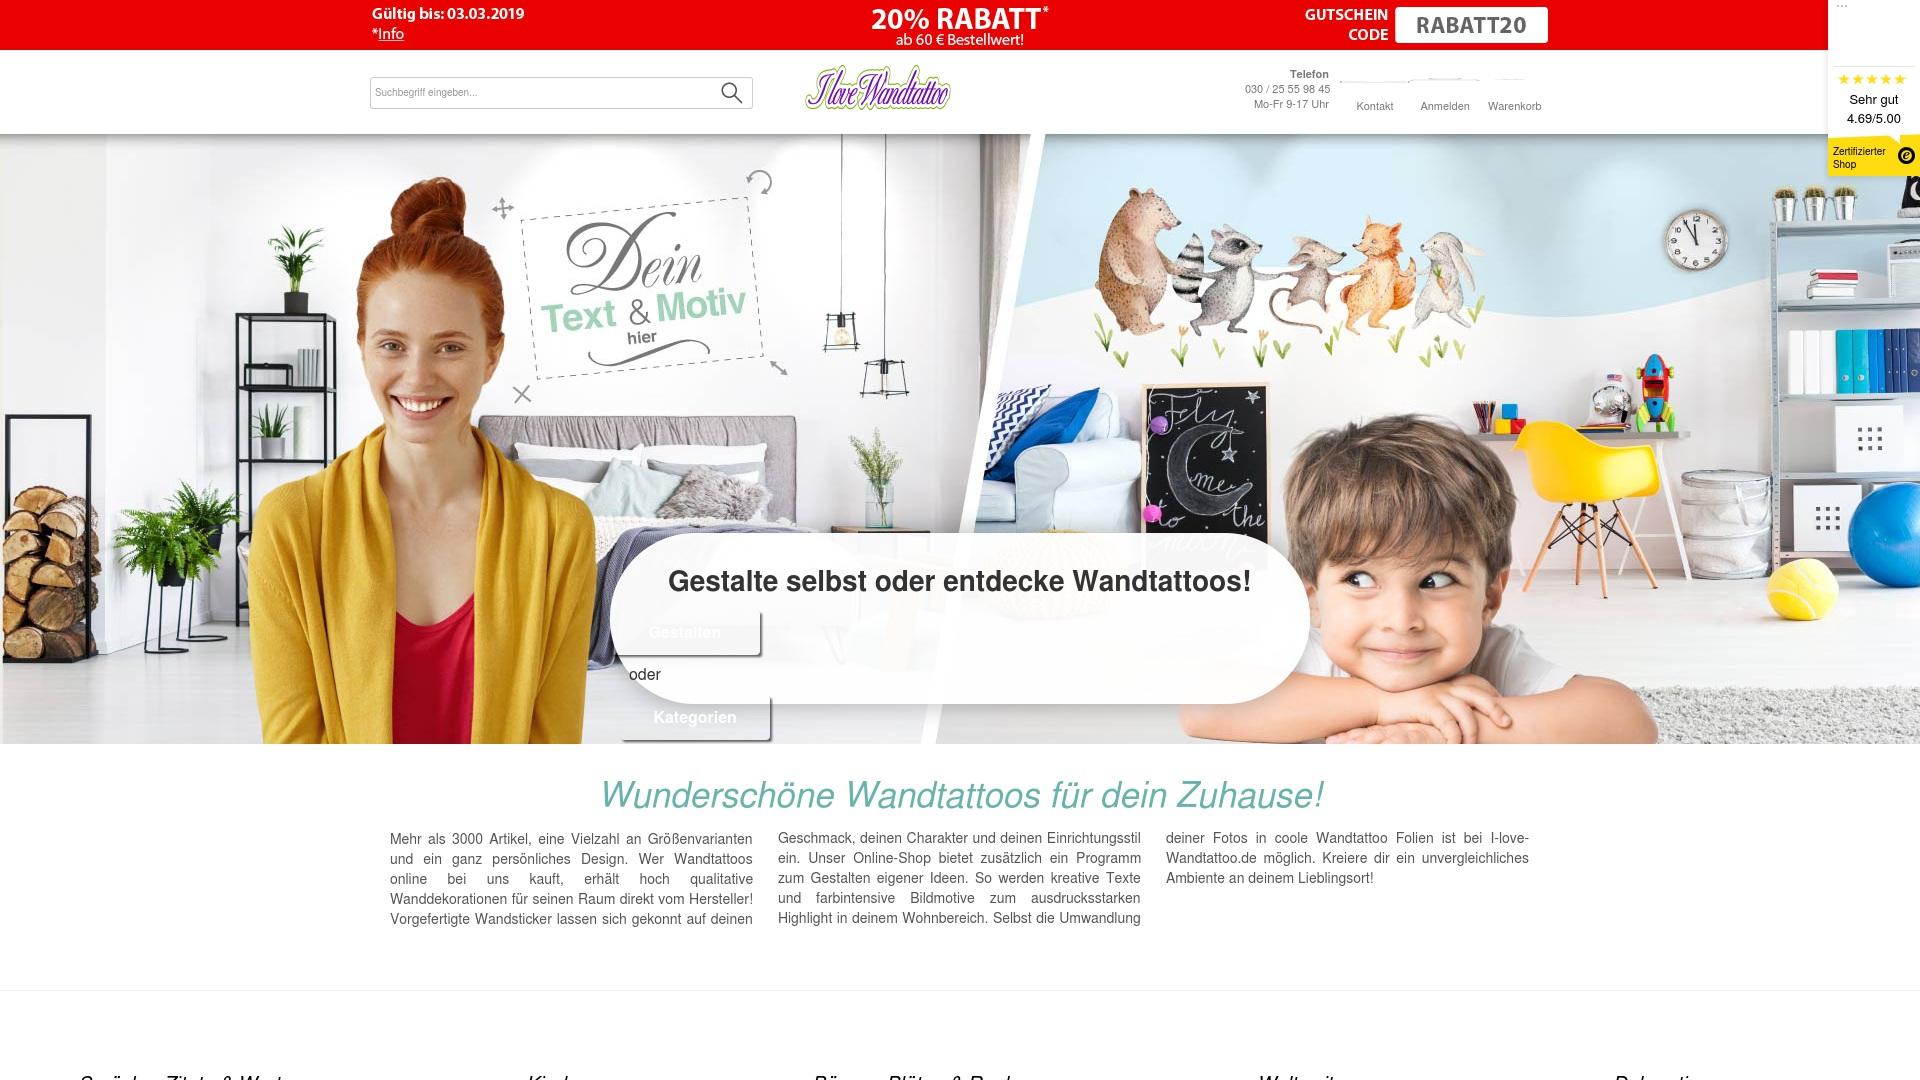 Gutschein für I-love-wandtattoo: Rabatte für  I-love-wandtattoo sichern